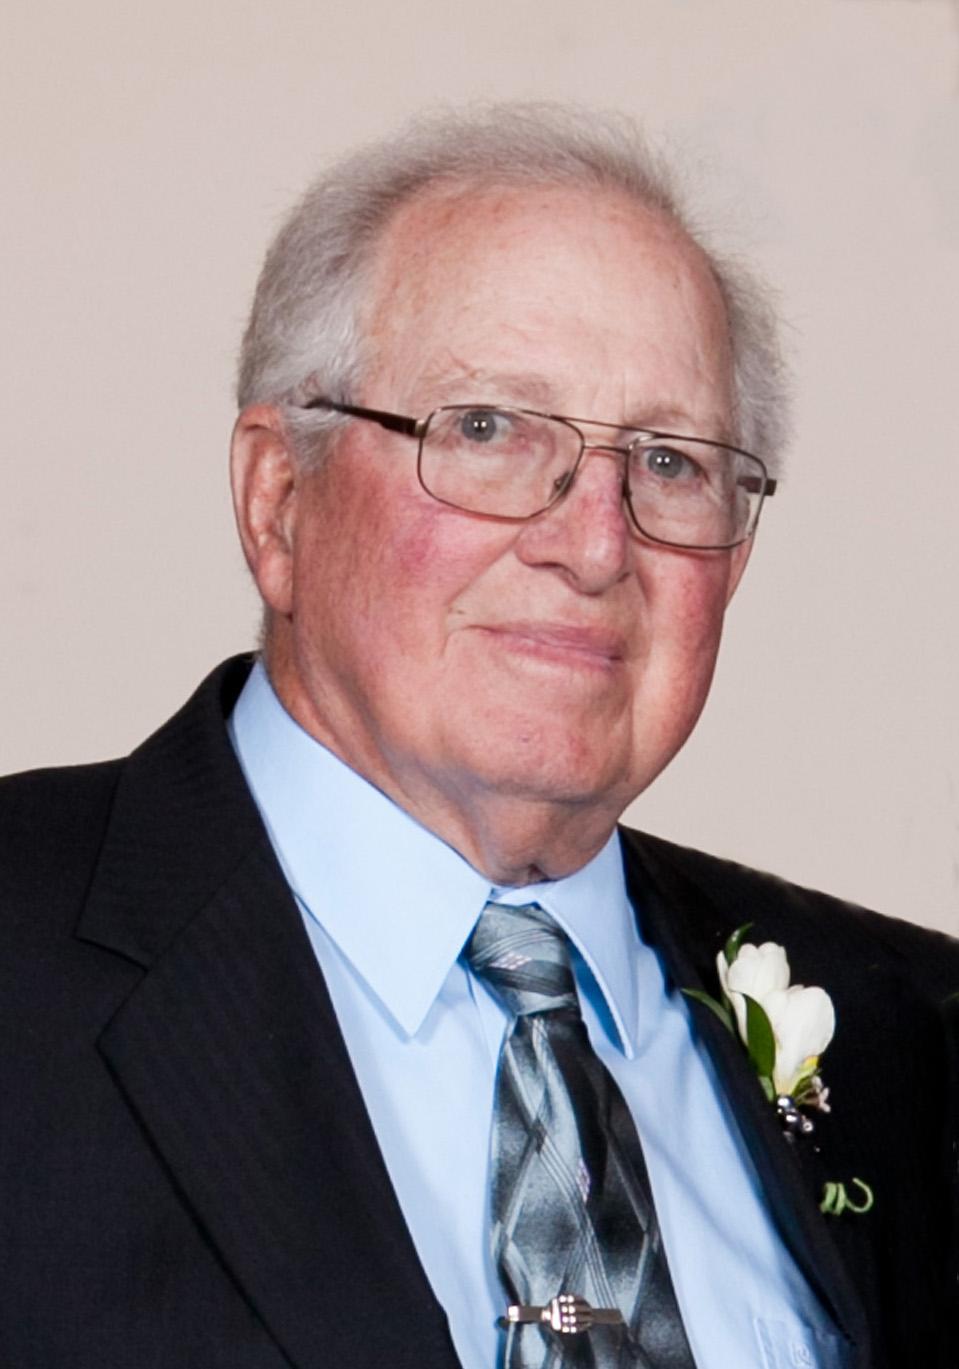 Harold Dean Hayes, Sr., age 85, of Decatur, Nebraska